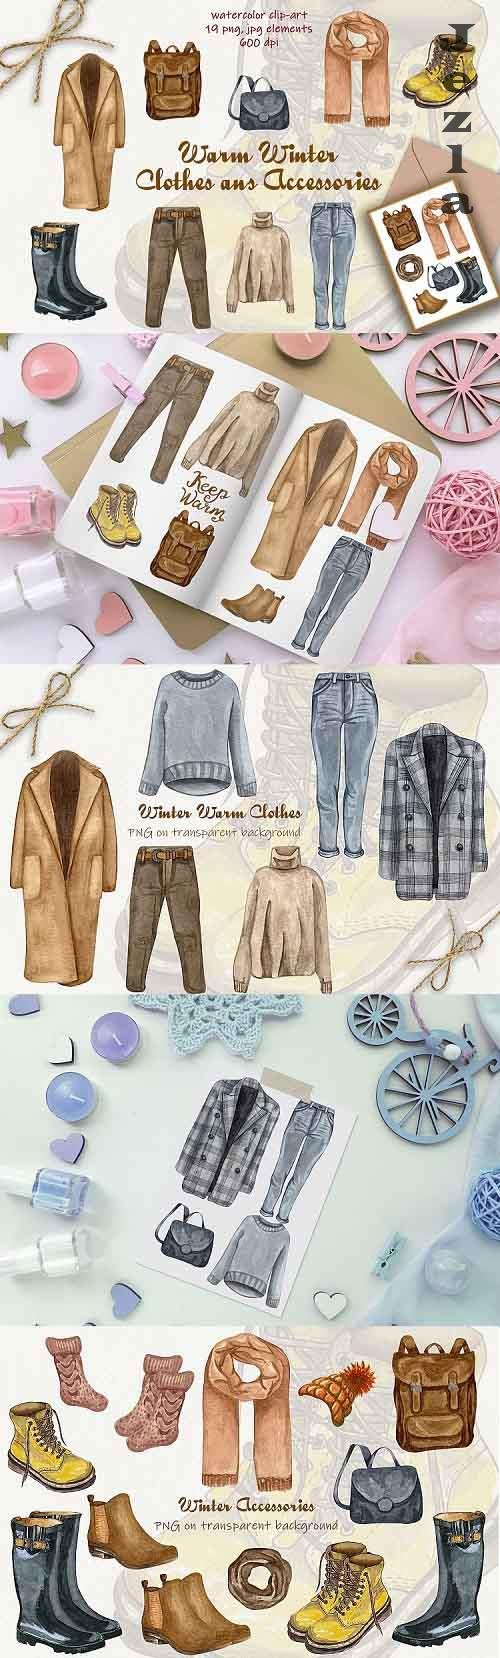 Winter Fashion Clip art. Watercolor set 600dpi - 379557